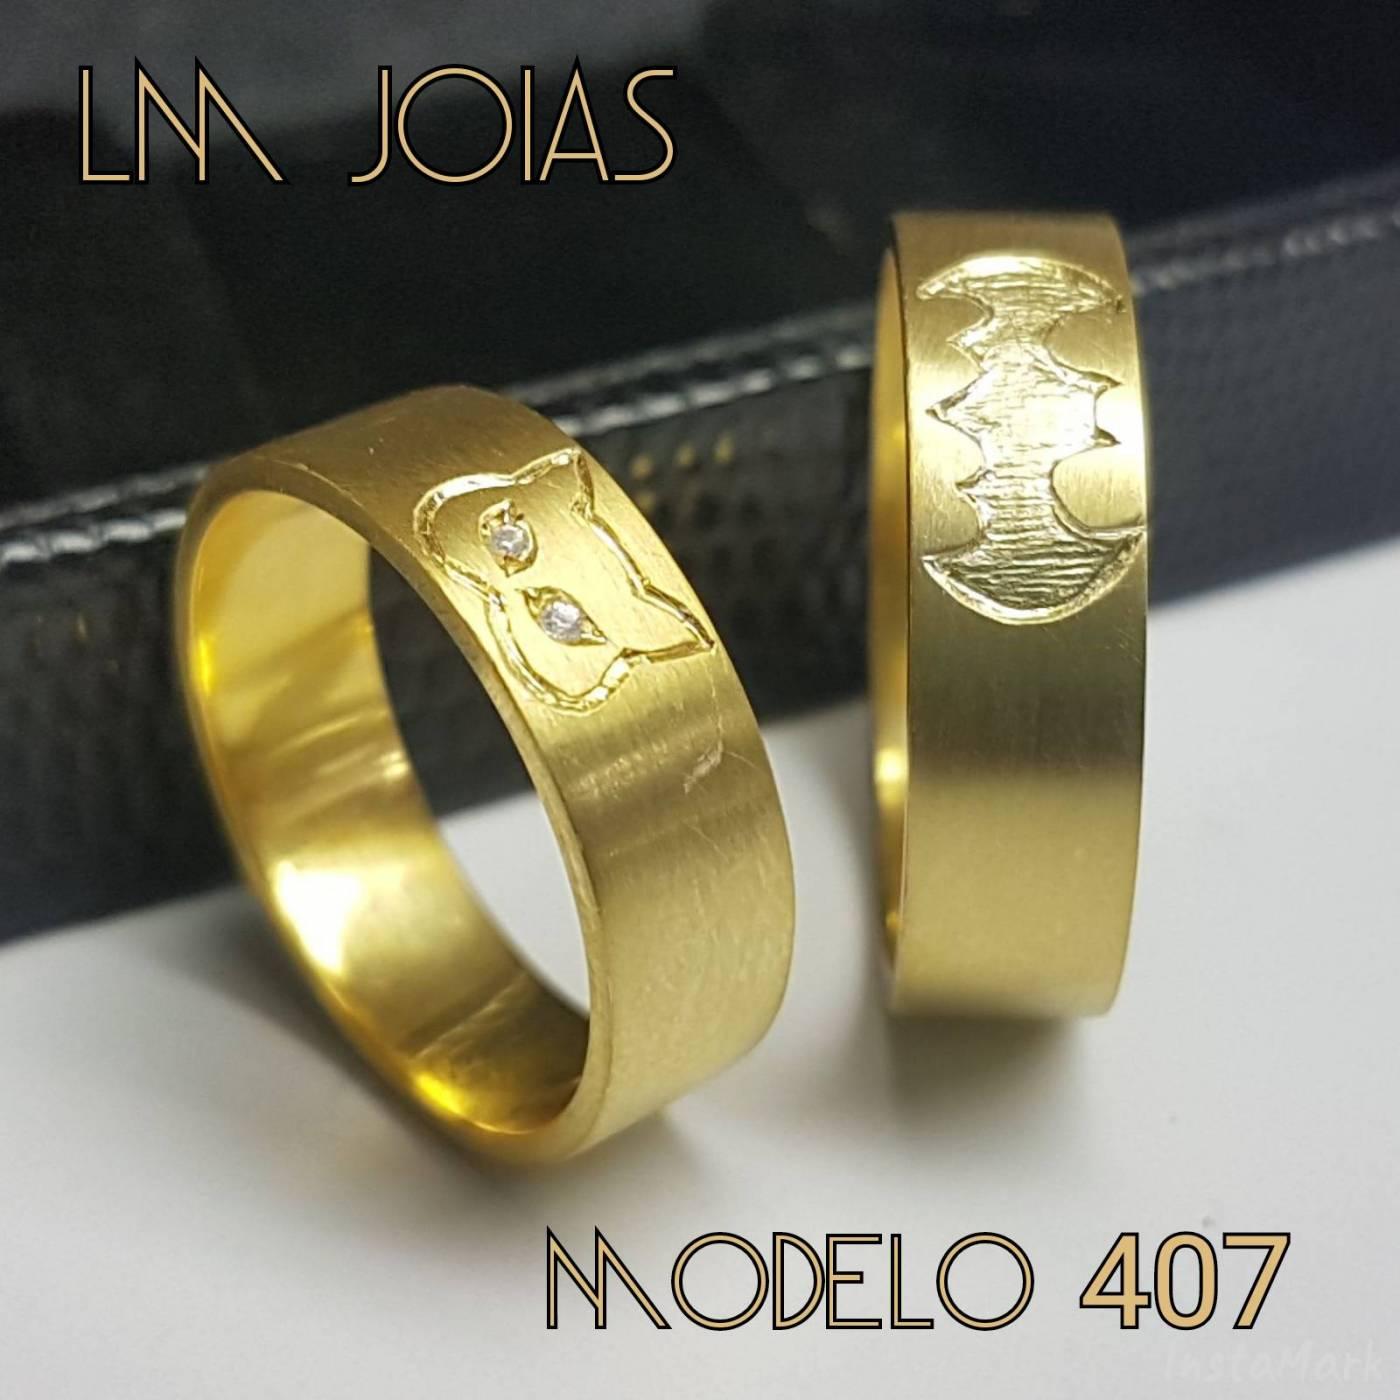 Modelo 407